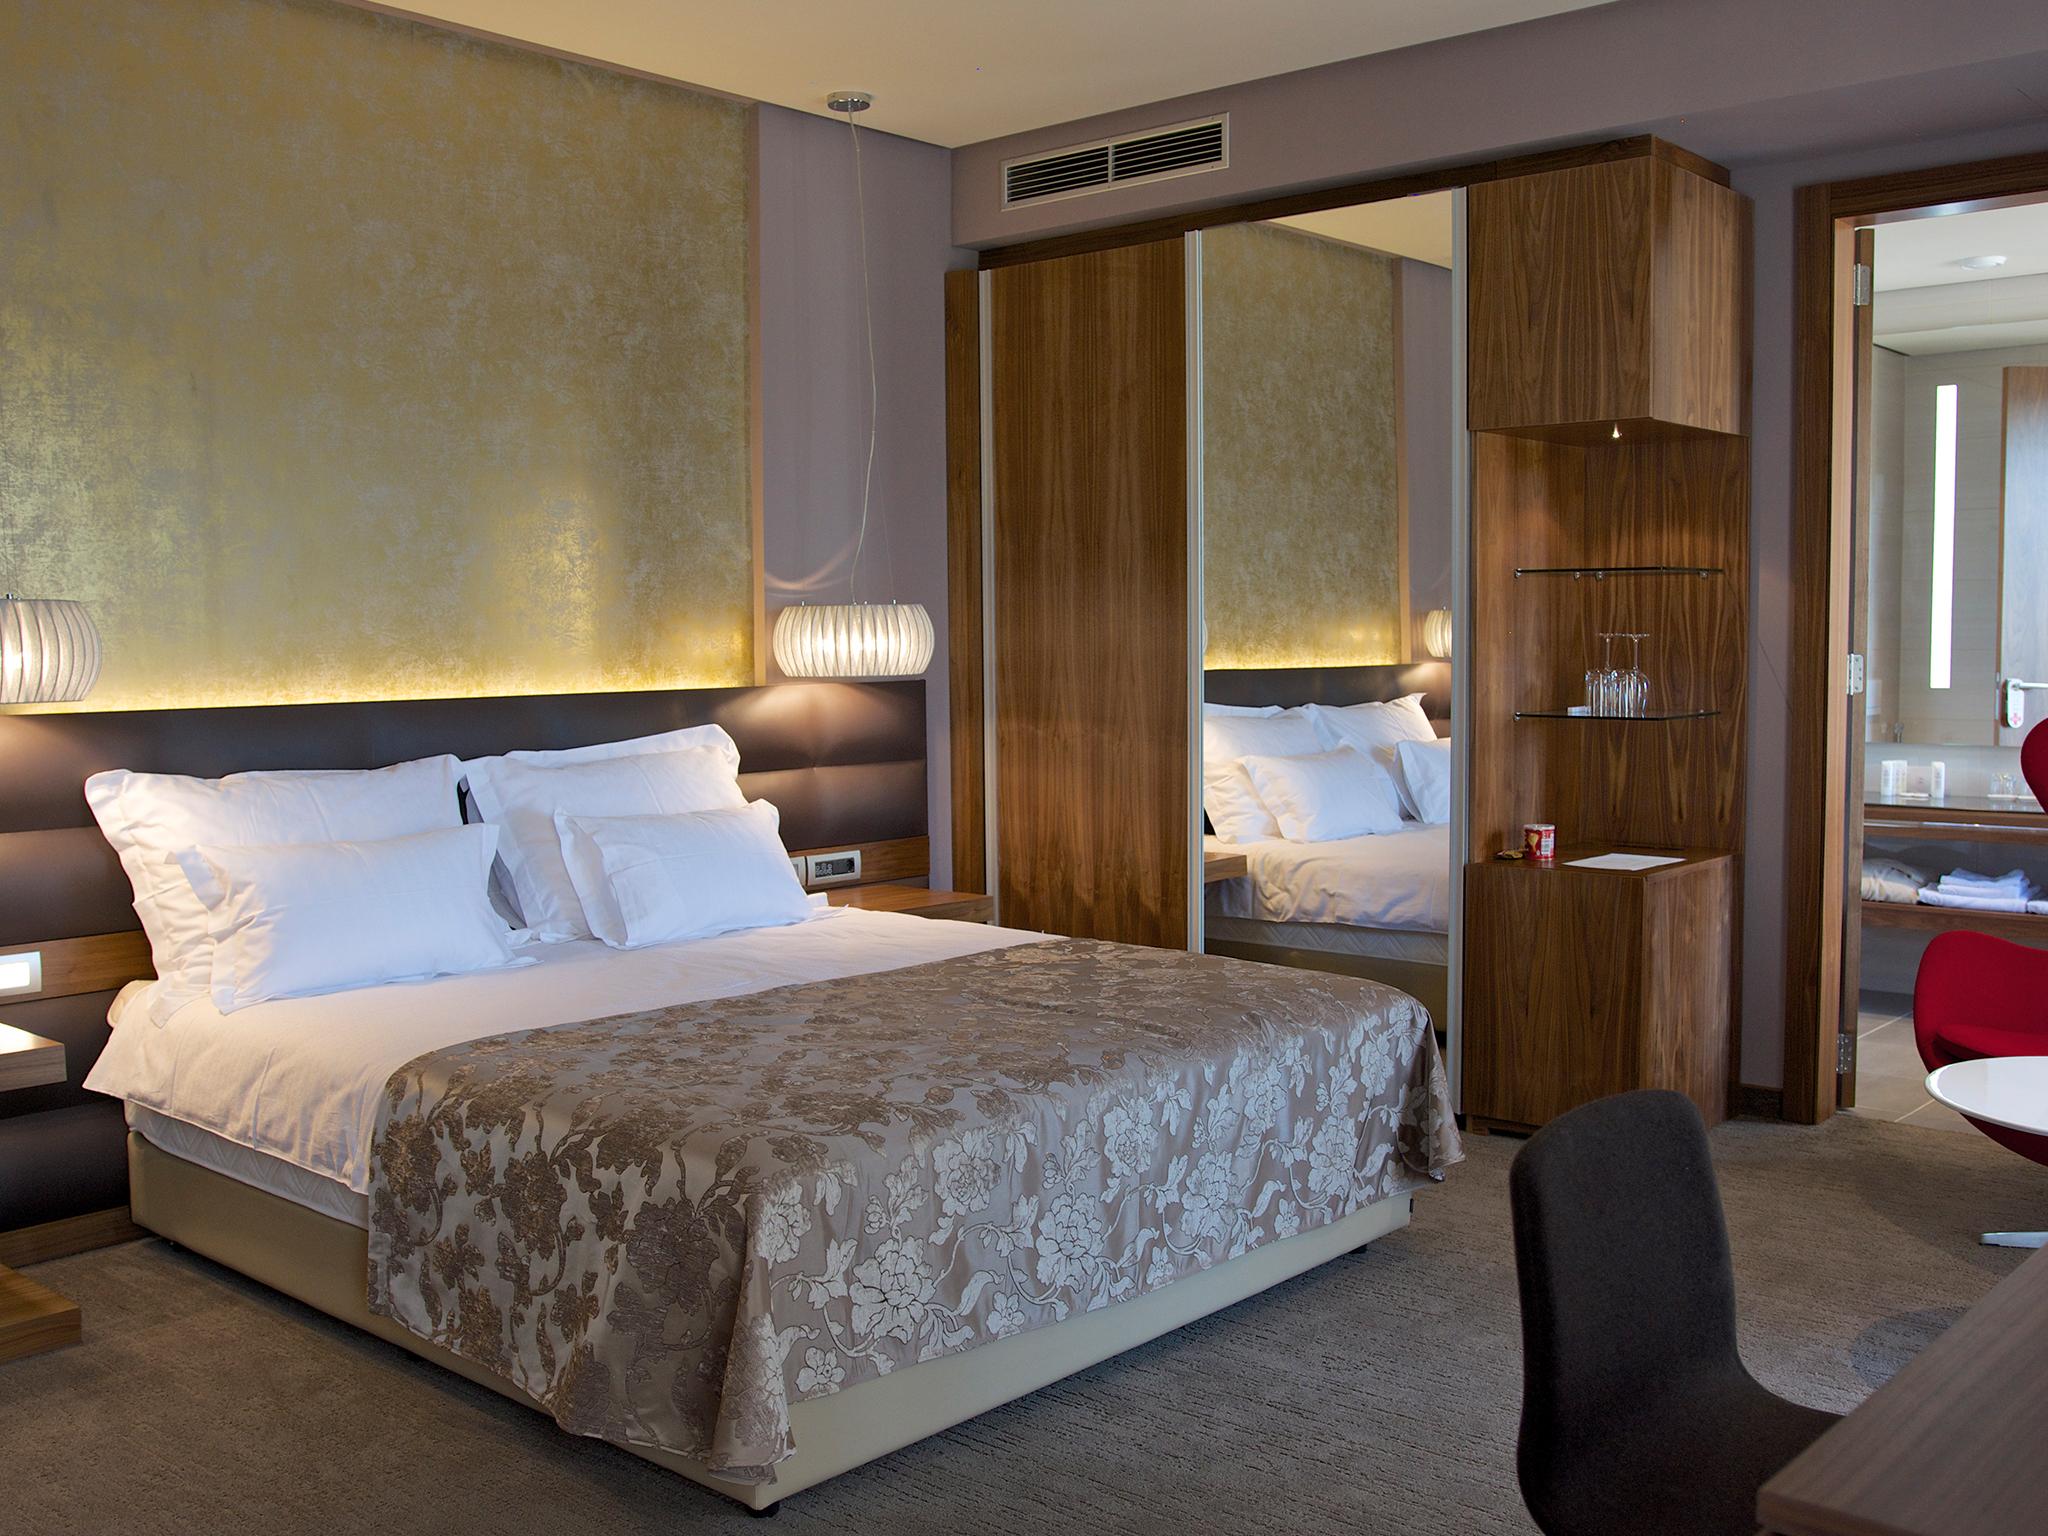 hotel atlantida deus travel 24